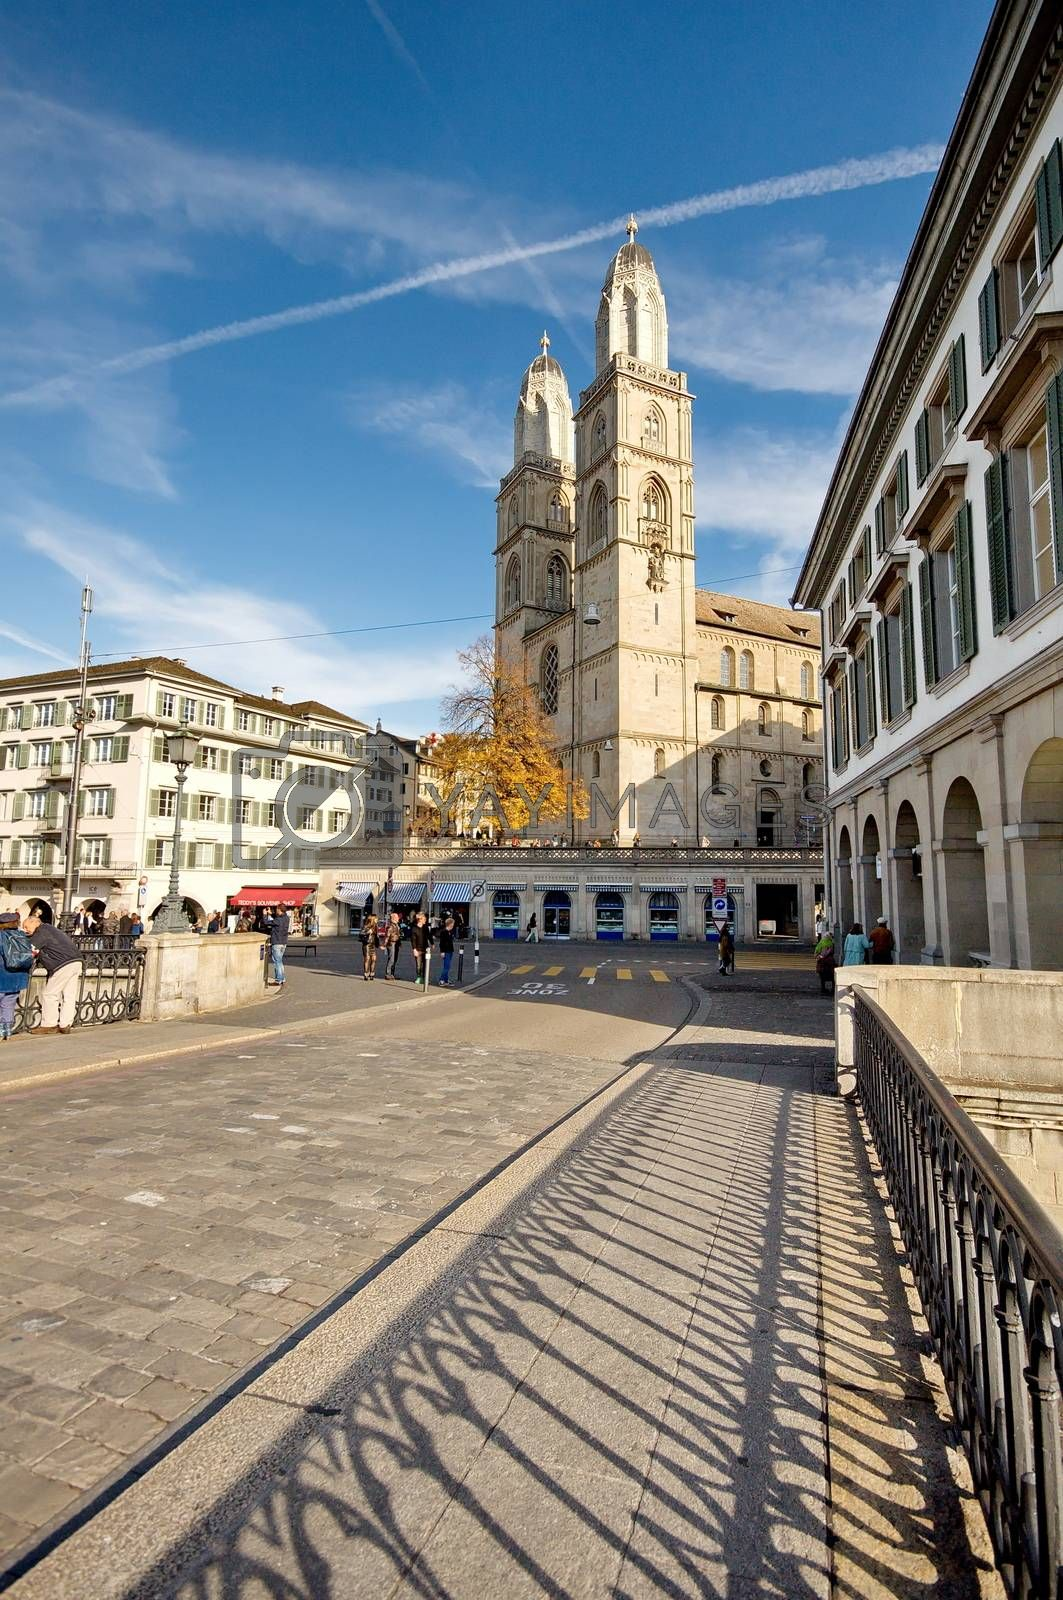 Cathedral of Zurich, Switzerland